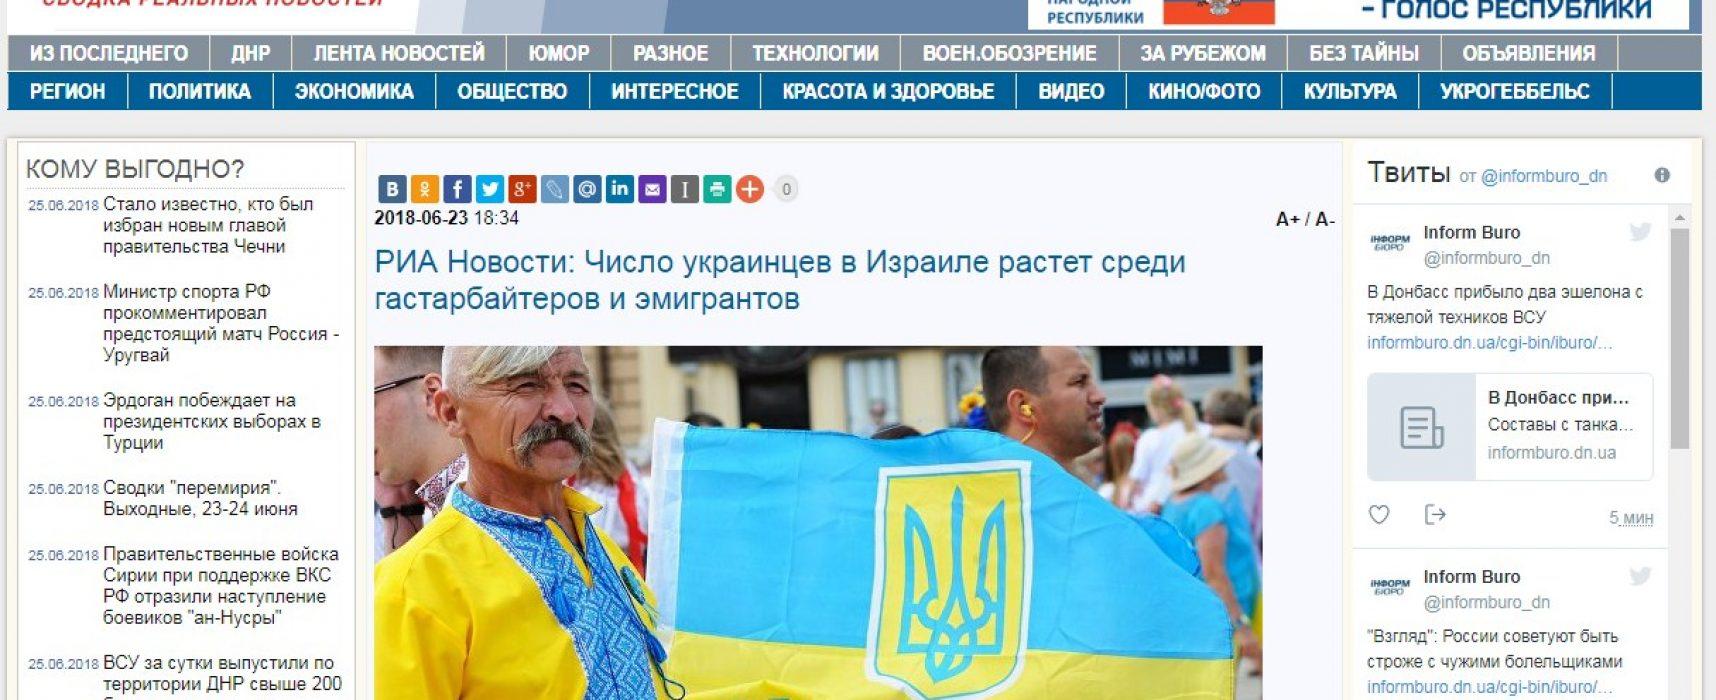 Manipulacija : U Izraelu raste broj ukrajinaca među gasterbajterima i imigrantima